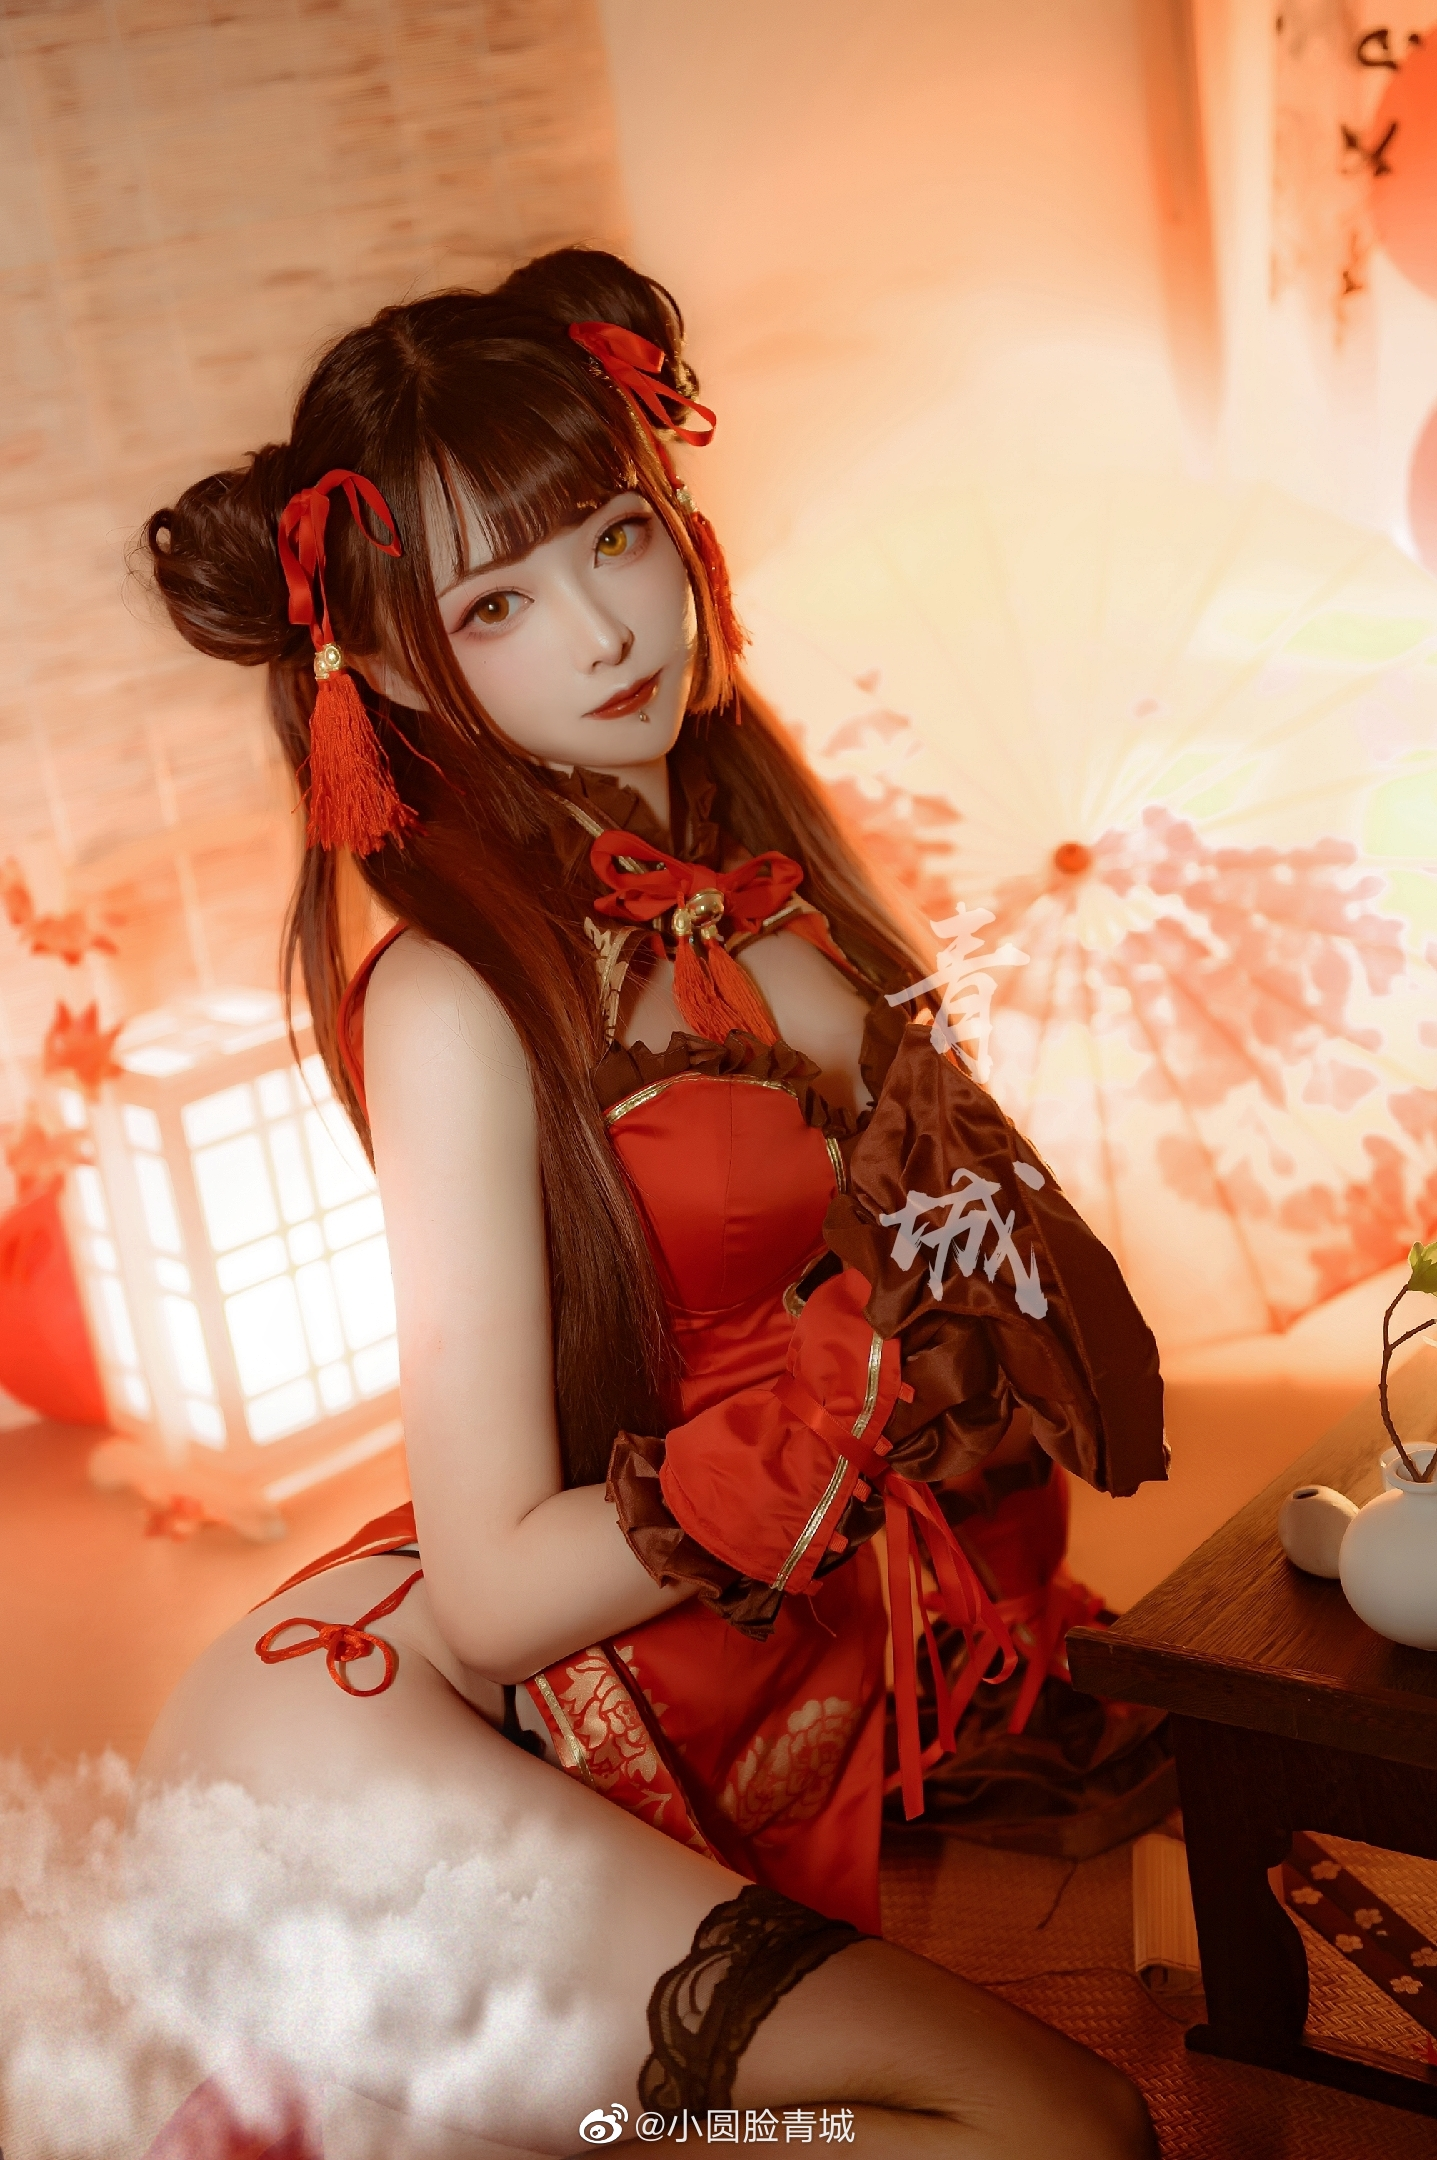 高跟黑丝旗袍时崎狂三Cosplay(9P)